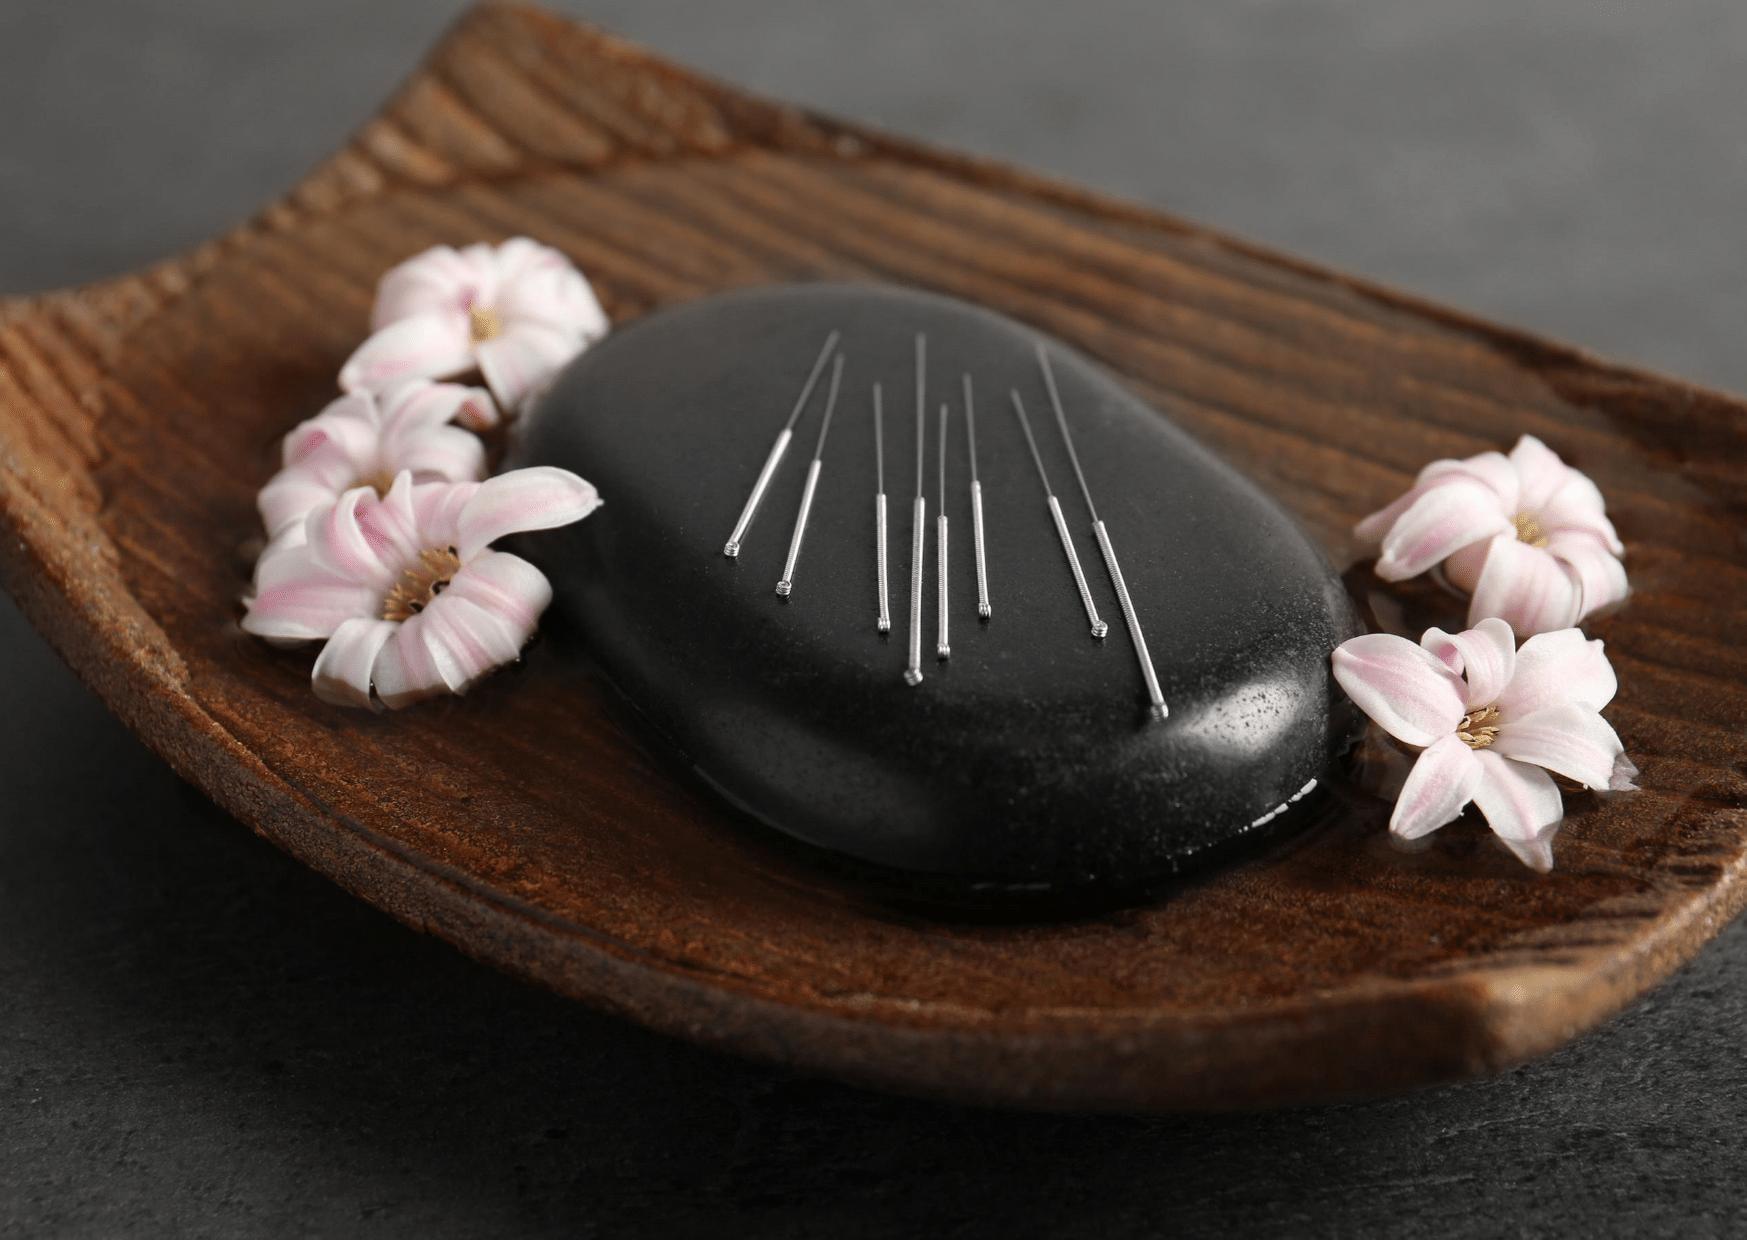 pierres de lave basalte dans bol marron entouré de fleurs pierre noire